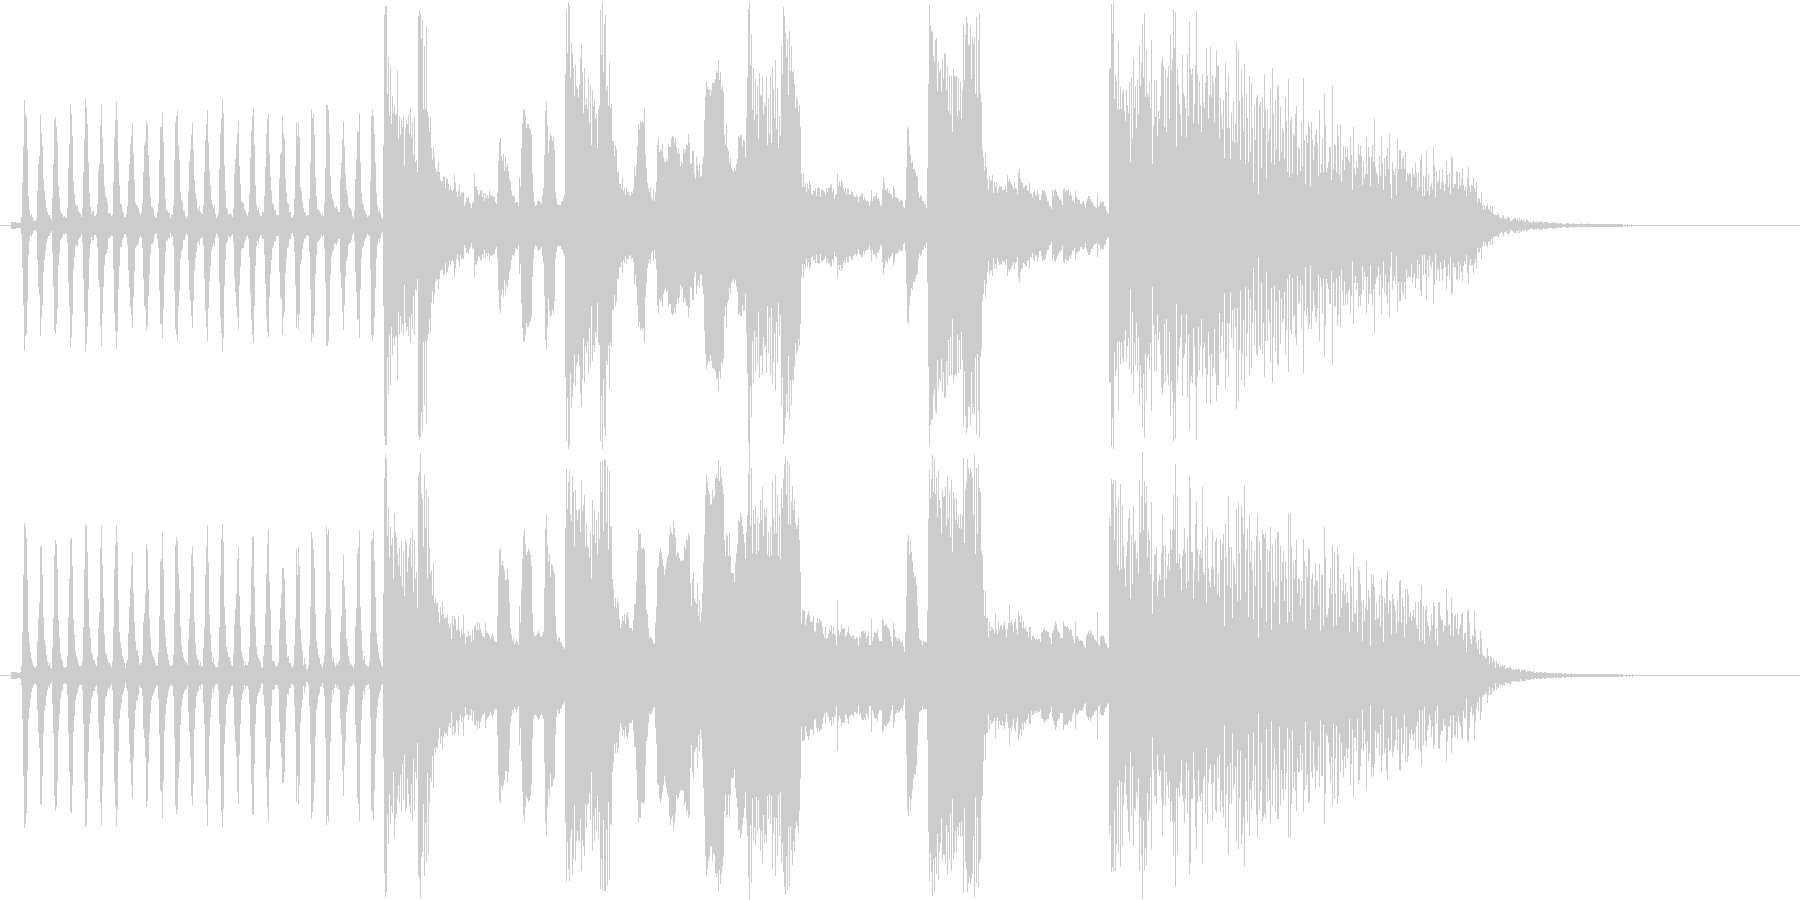 アニメーションで使われるような急ぐ音の未再生の波形